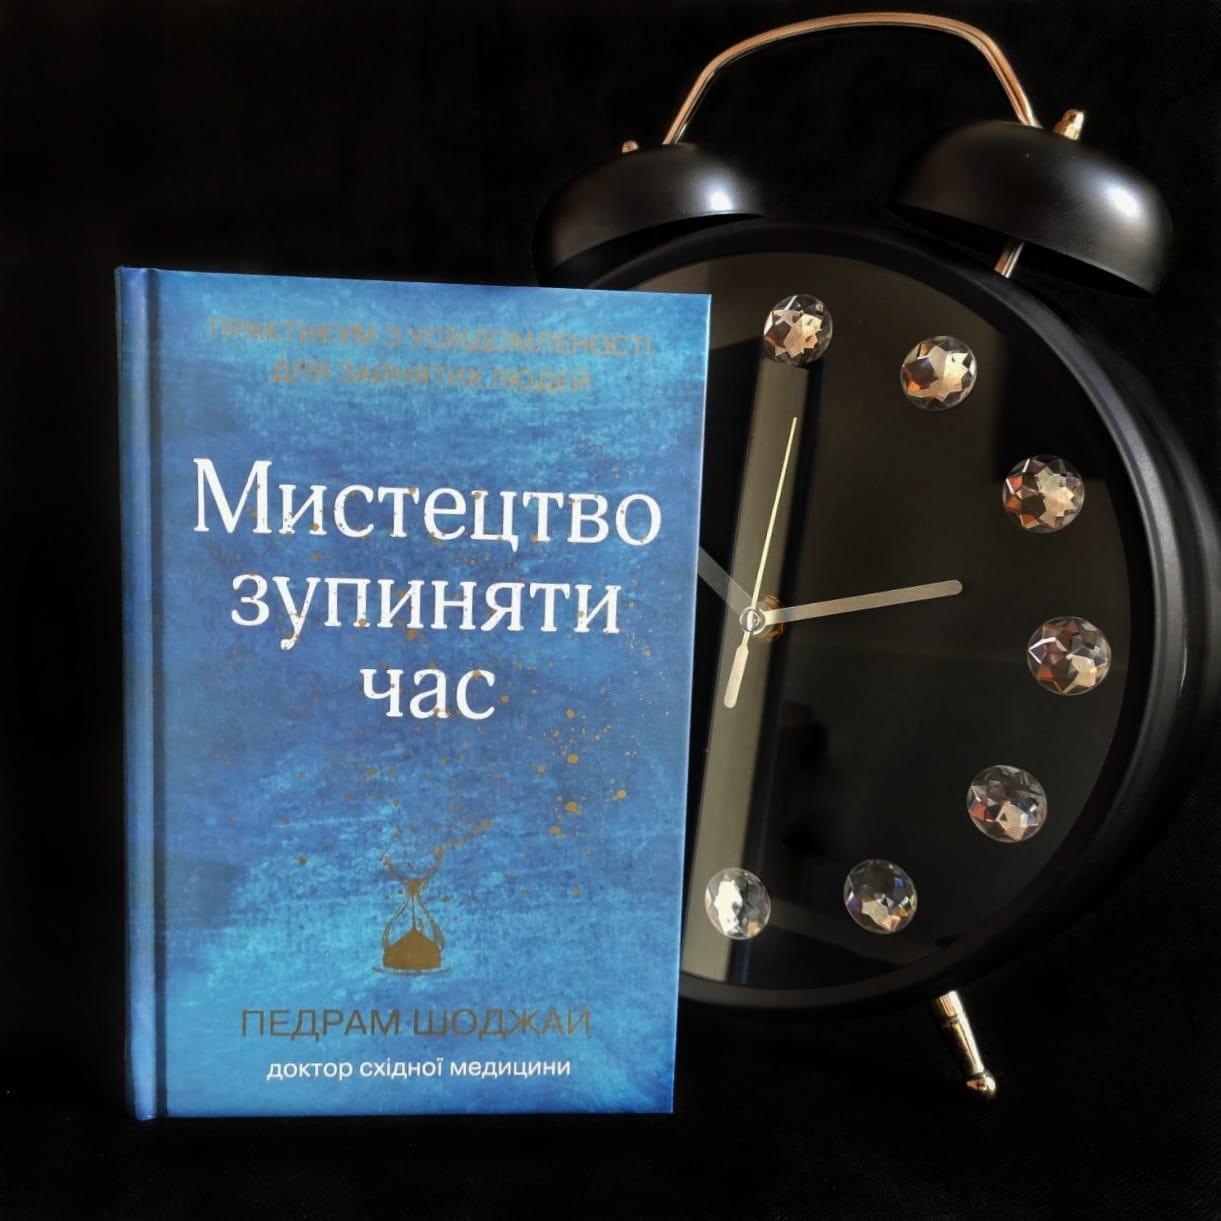 Мистецтво зупиняти час книга